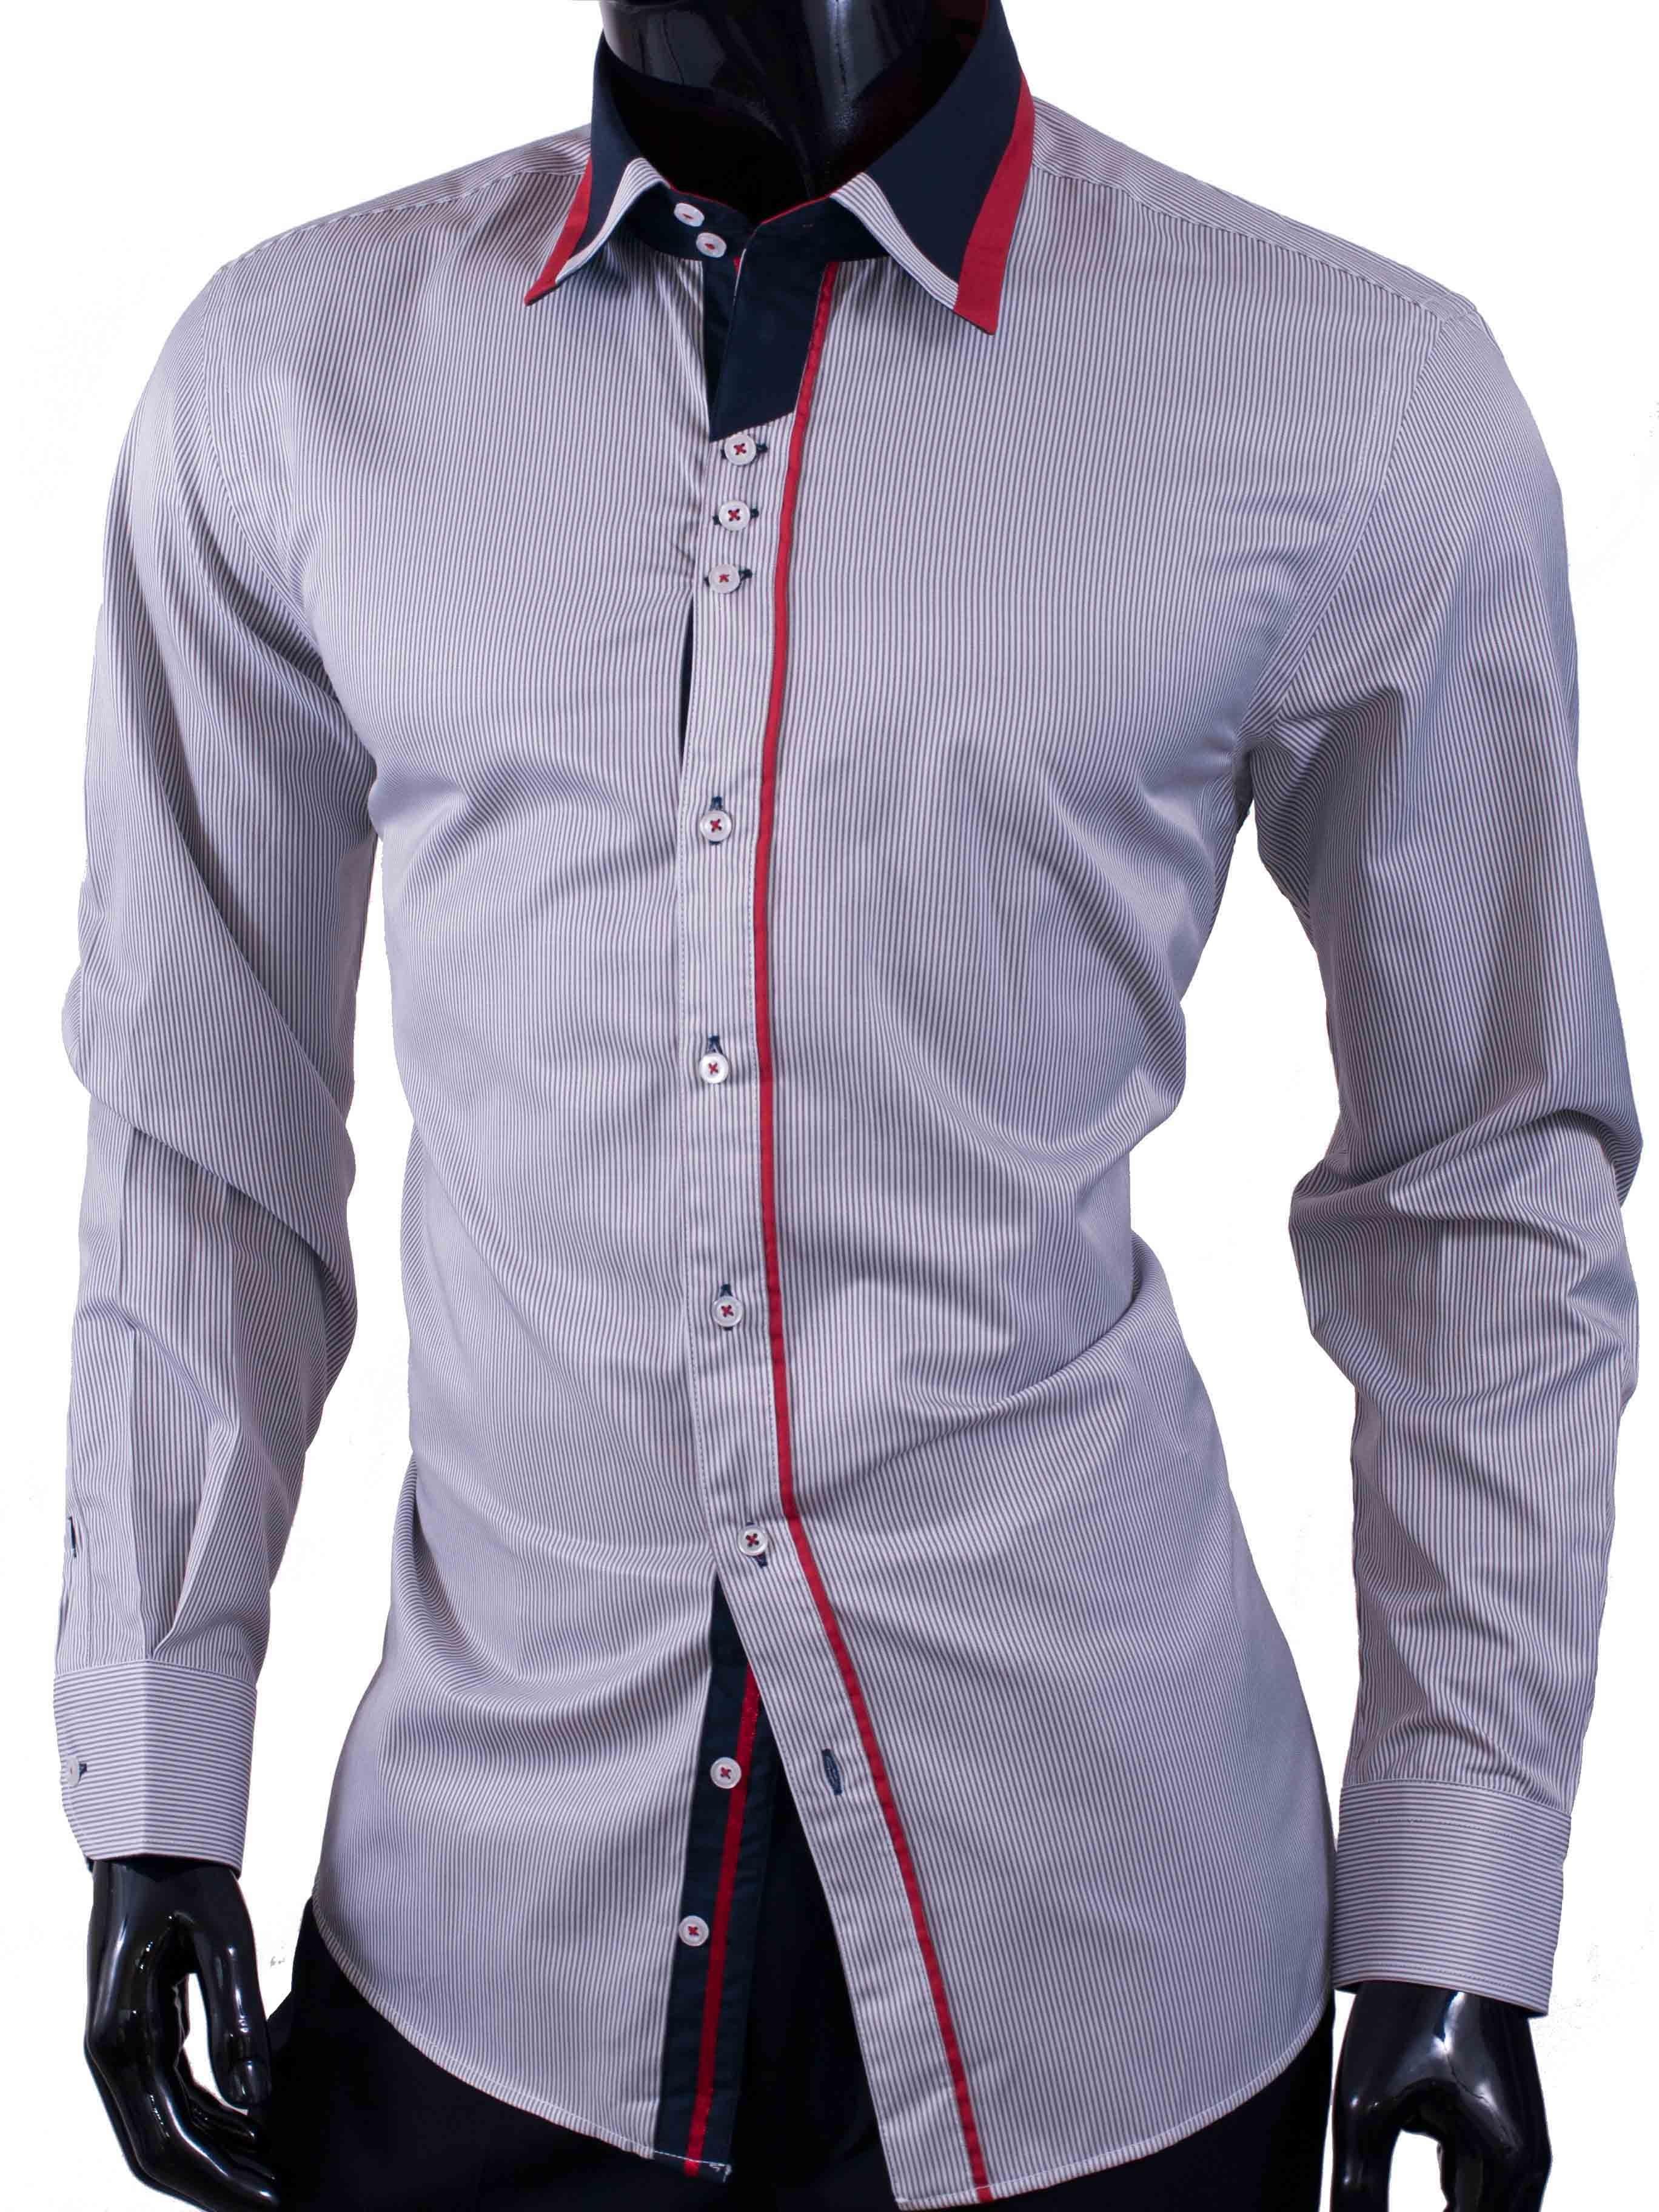 Pánské košile Egoman s bílo béžovými proužky